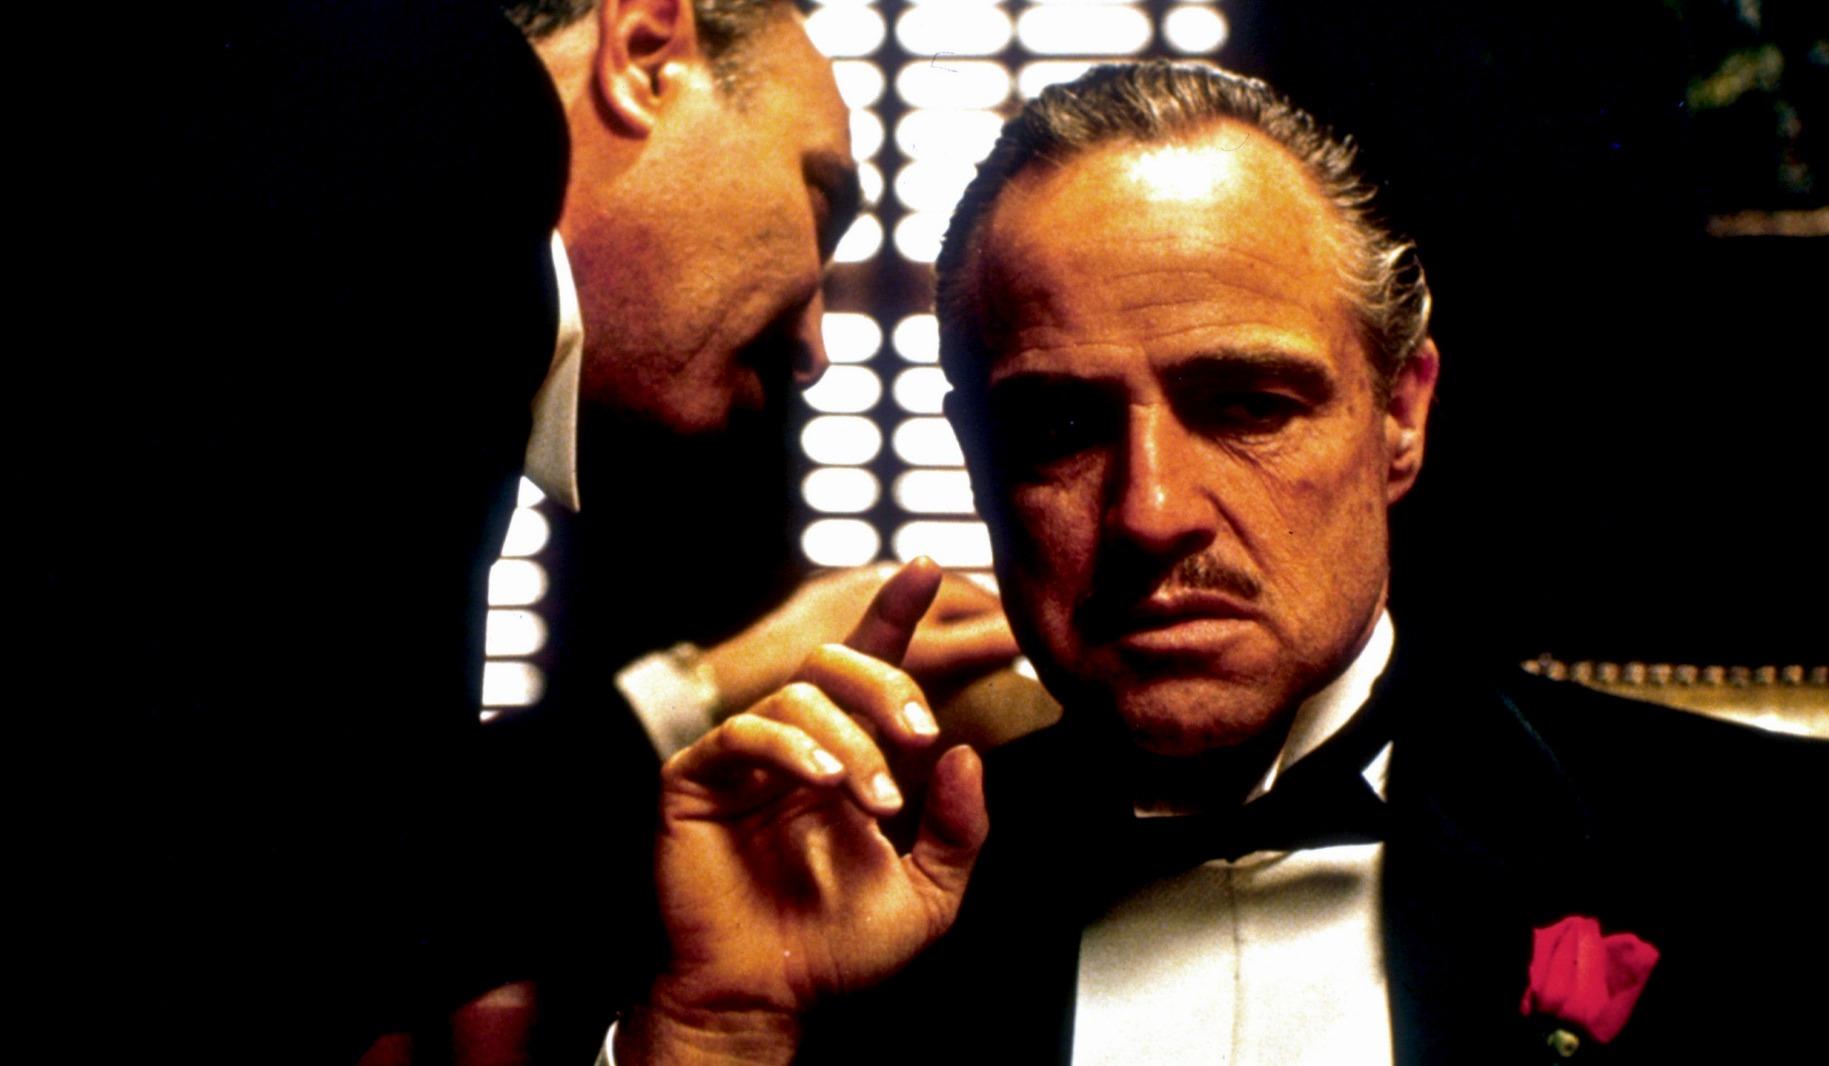 مافيا وتجارة مخدرات في أفلام سهرة الثلاثاء